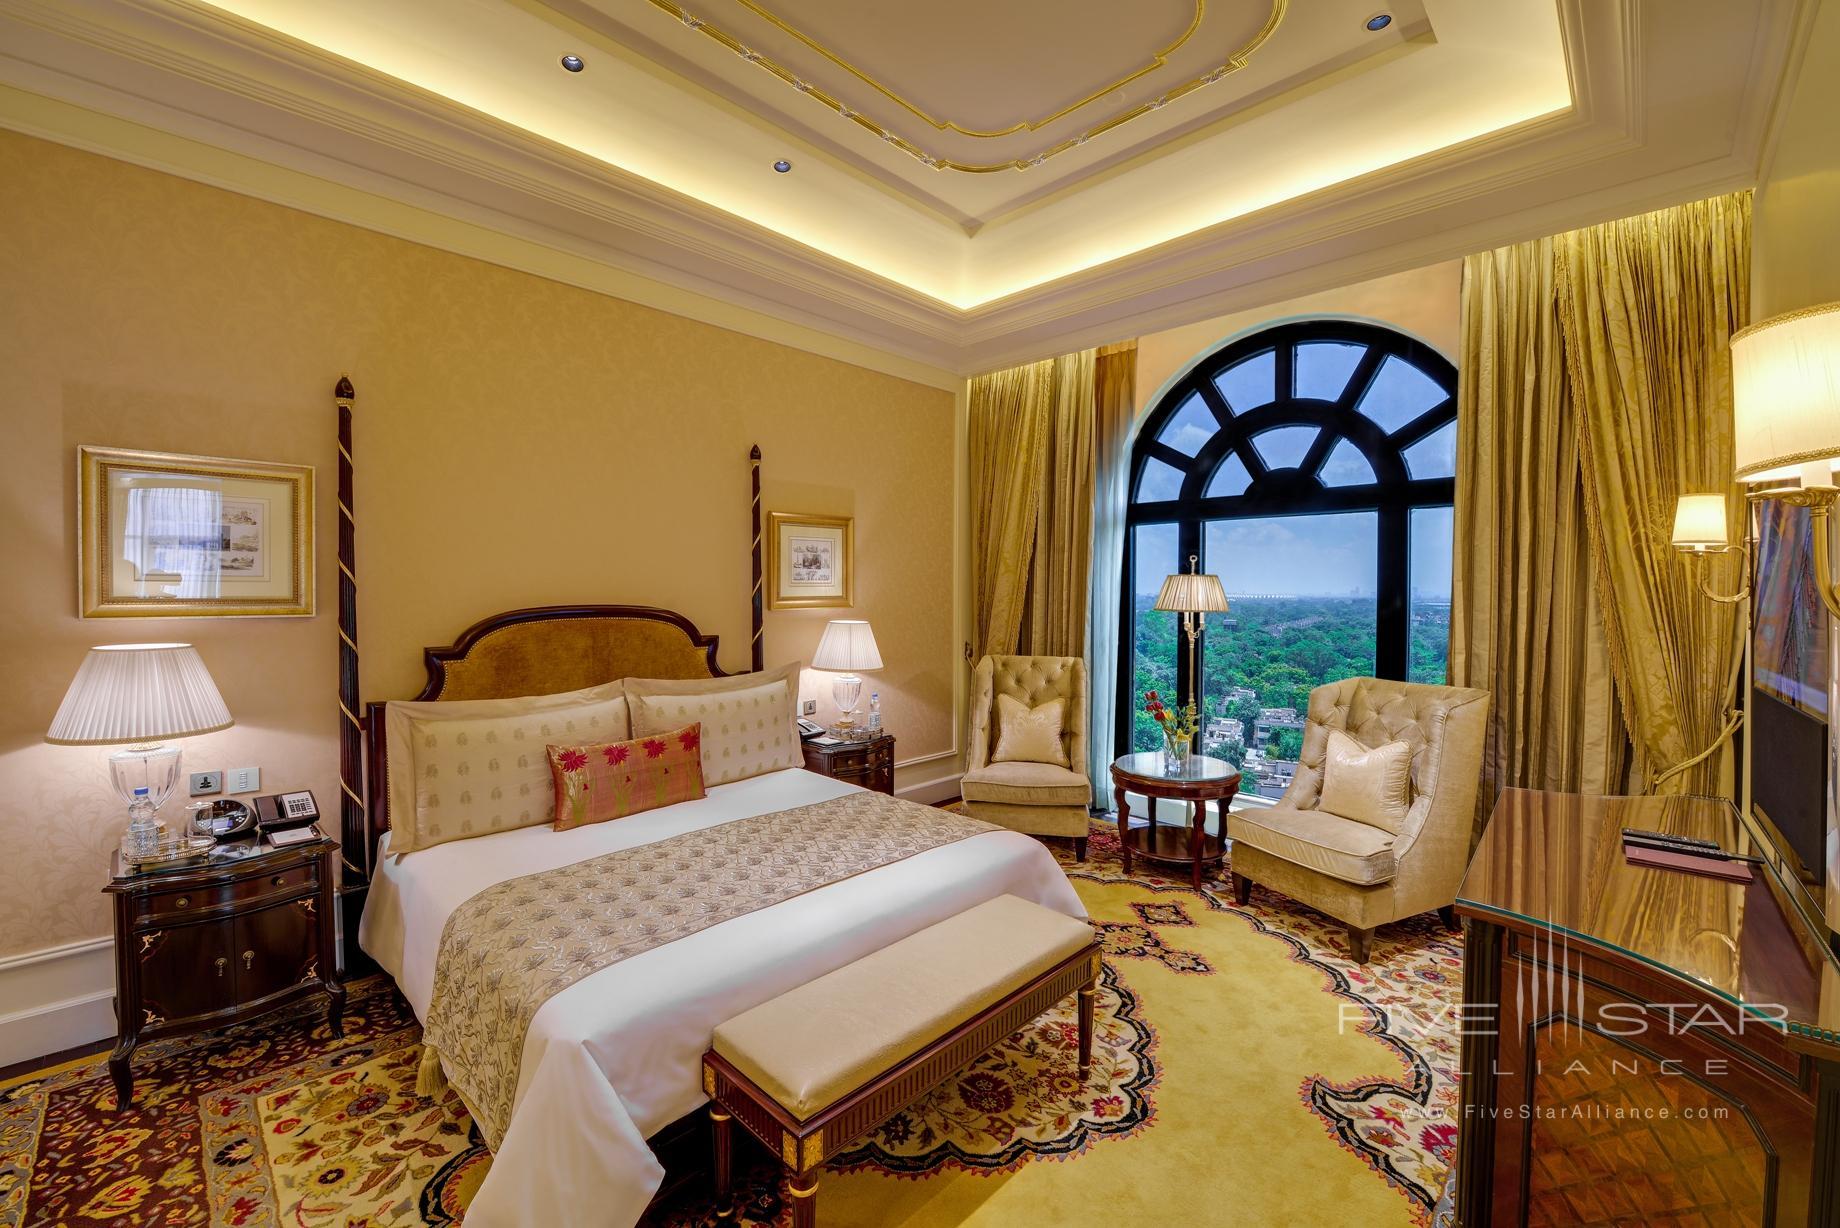 Maharaja Suite at Leela Palace New Delhi